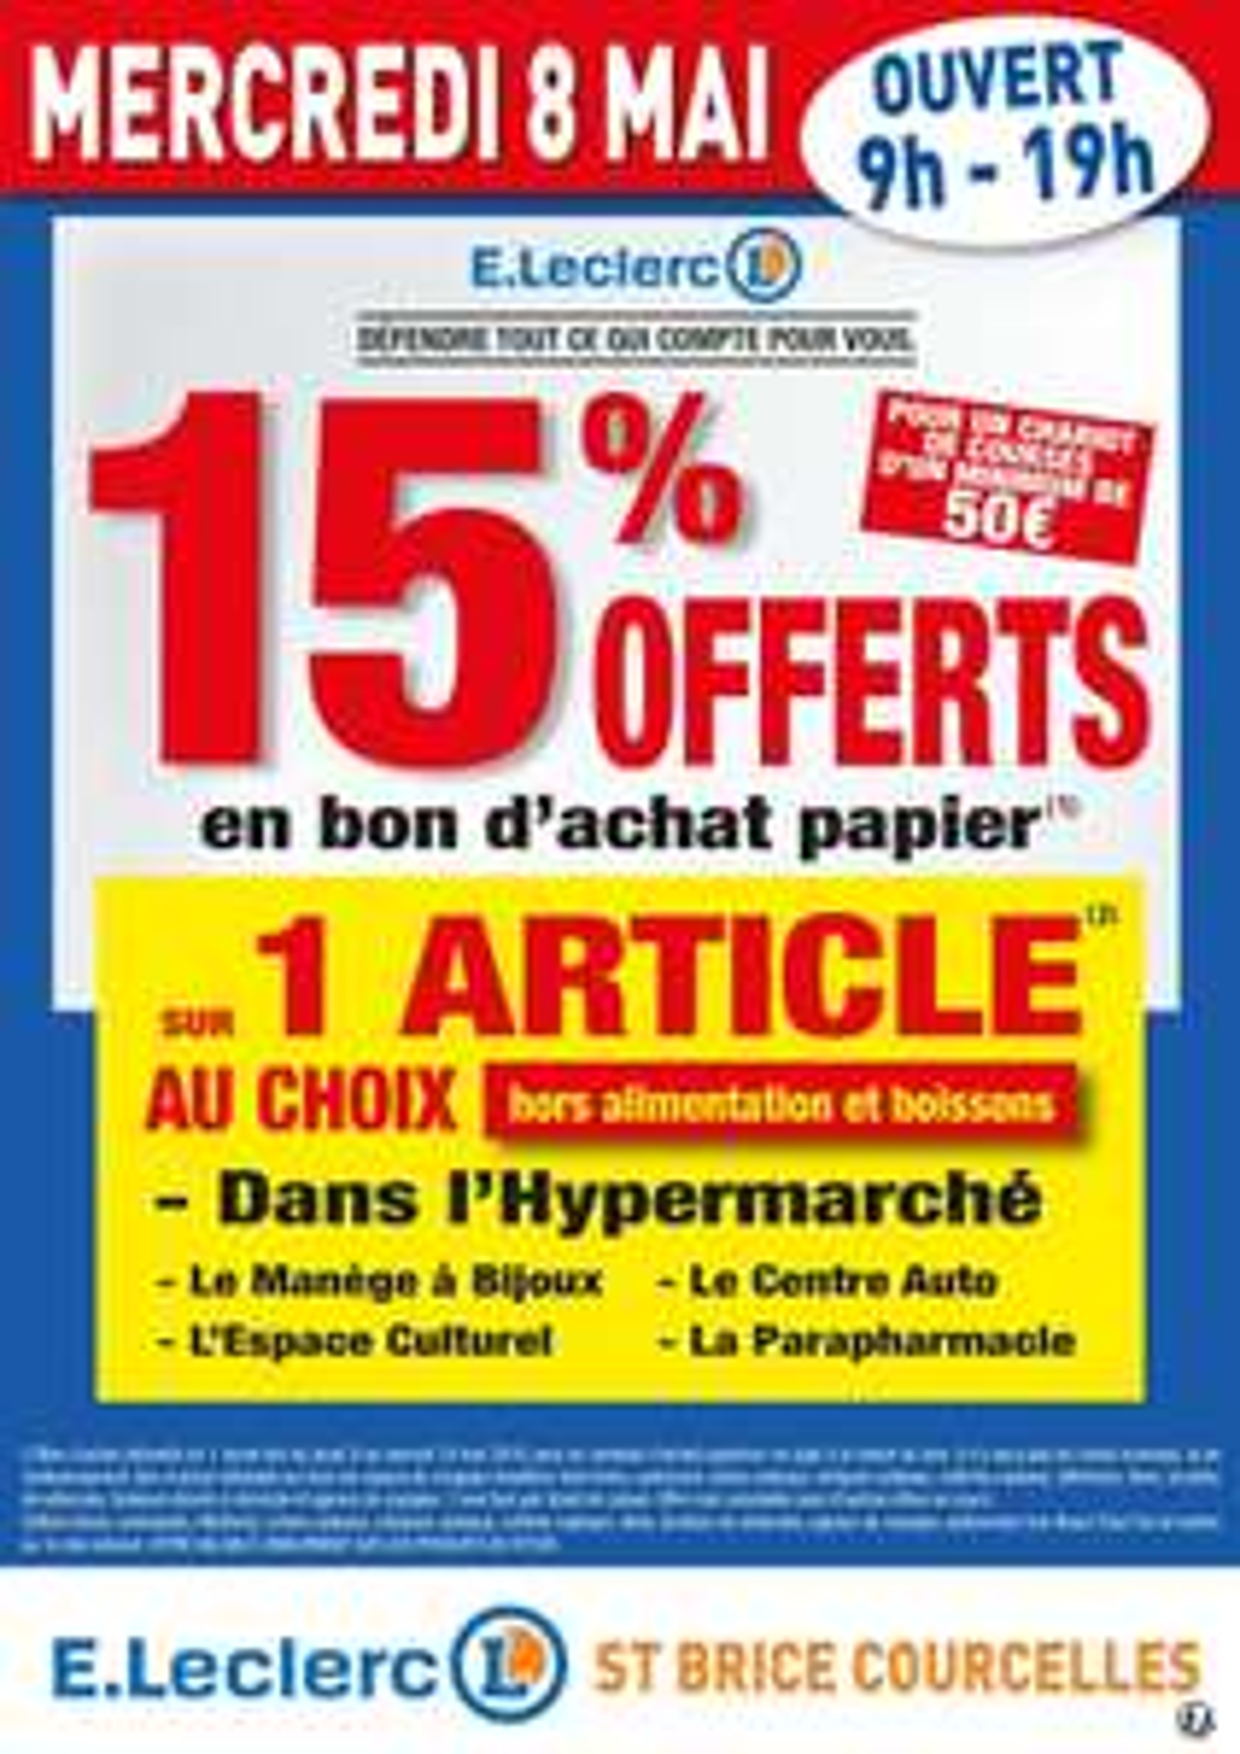 15% en bon d'achat dès 50€ d'achat (sous conditions)- Saint Brice Courcelles (51)